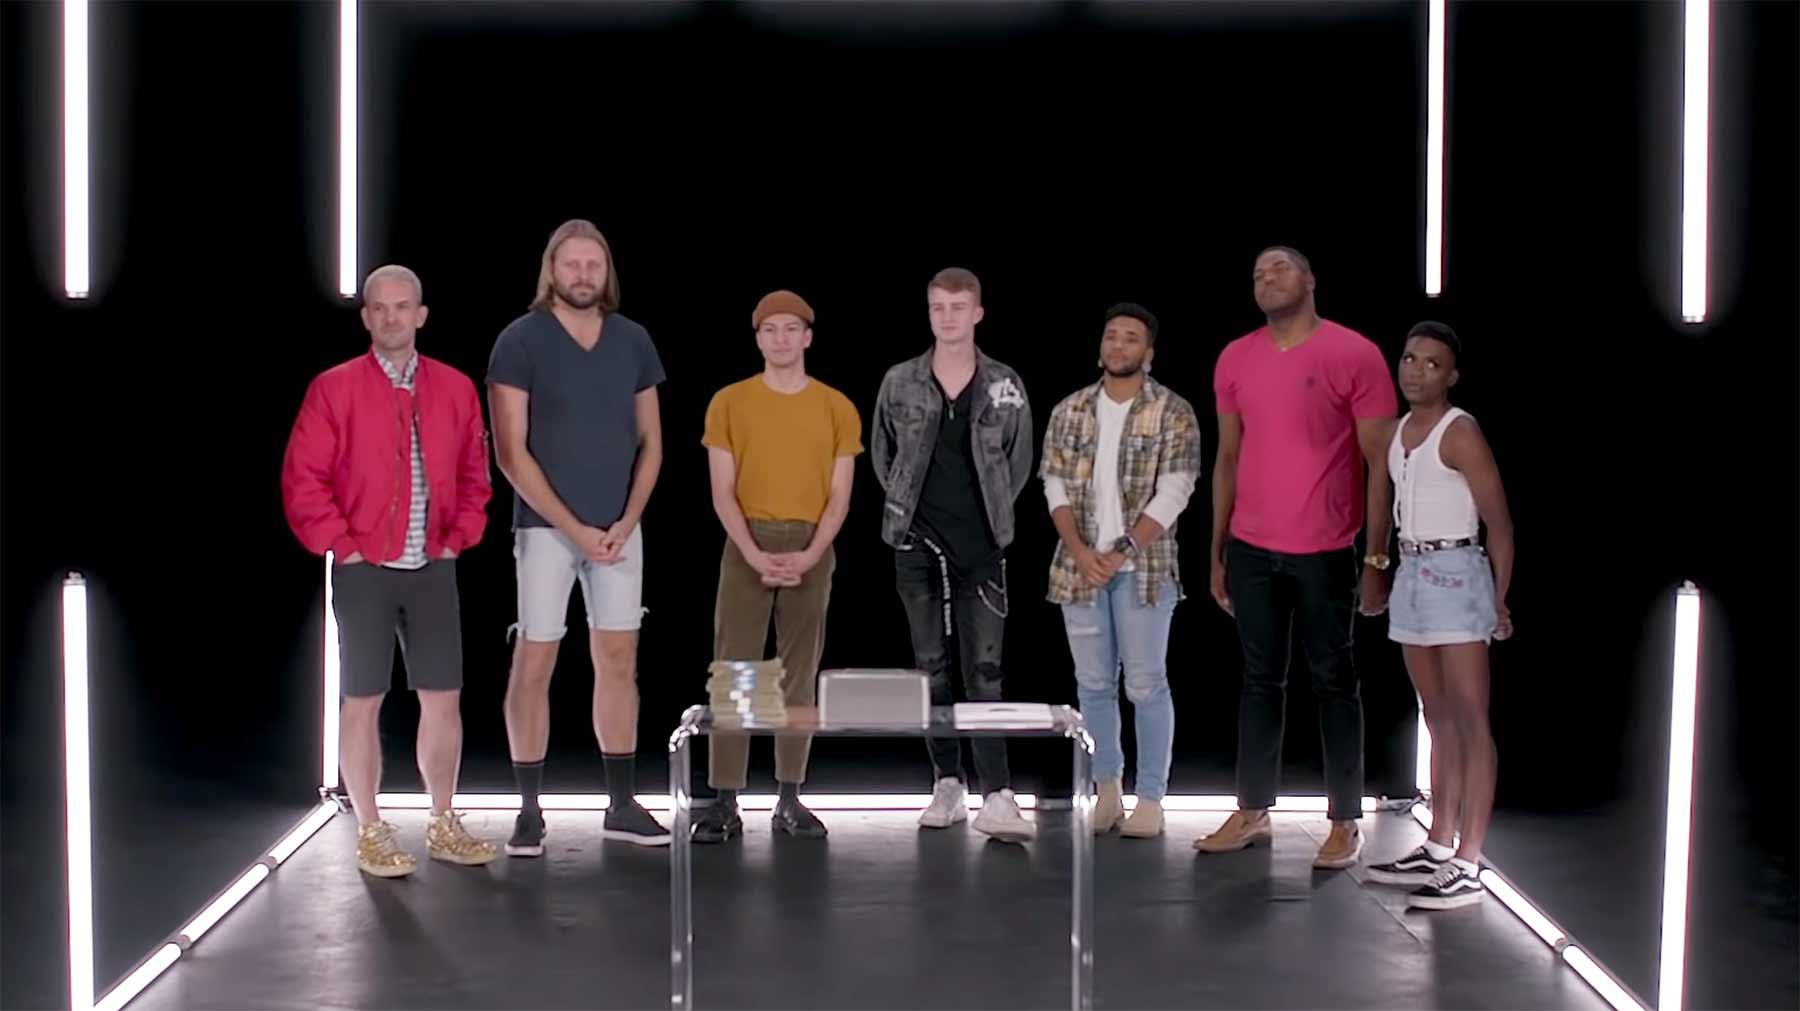 Wer ist der geheime Heterosexuelle unter diesen 7 angeblichen Homo-Männern? wer-ist-heterosexuell